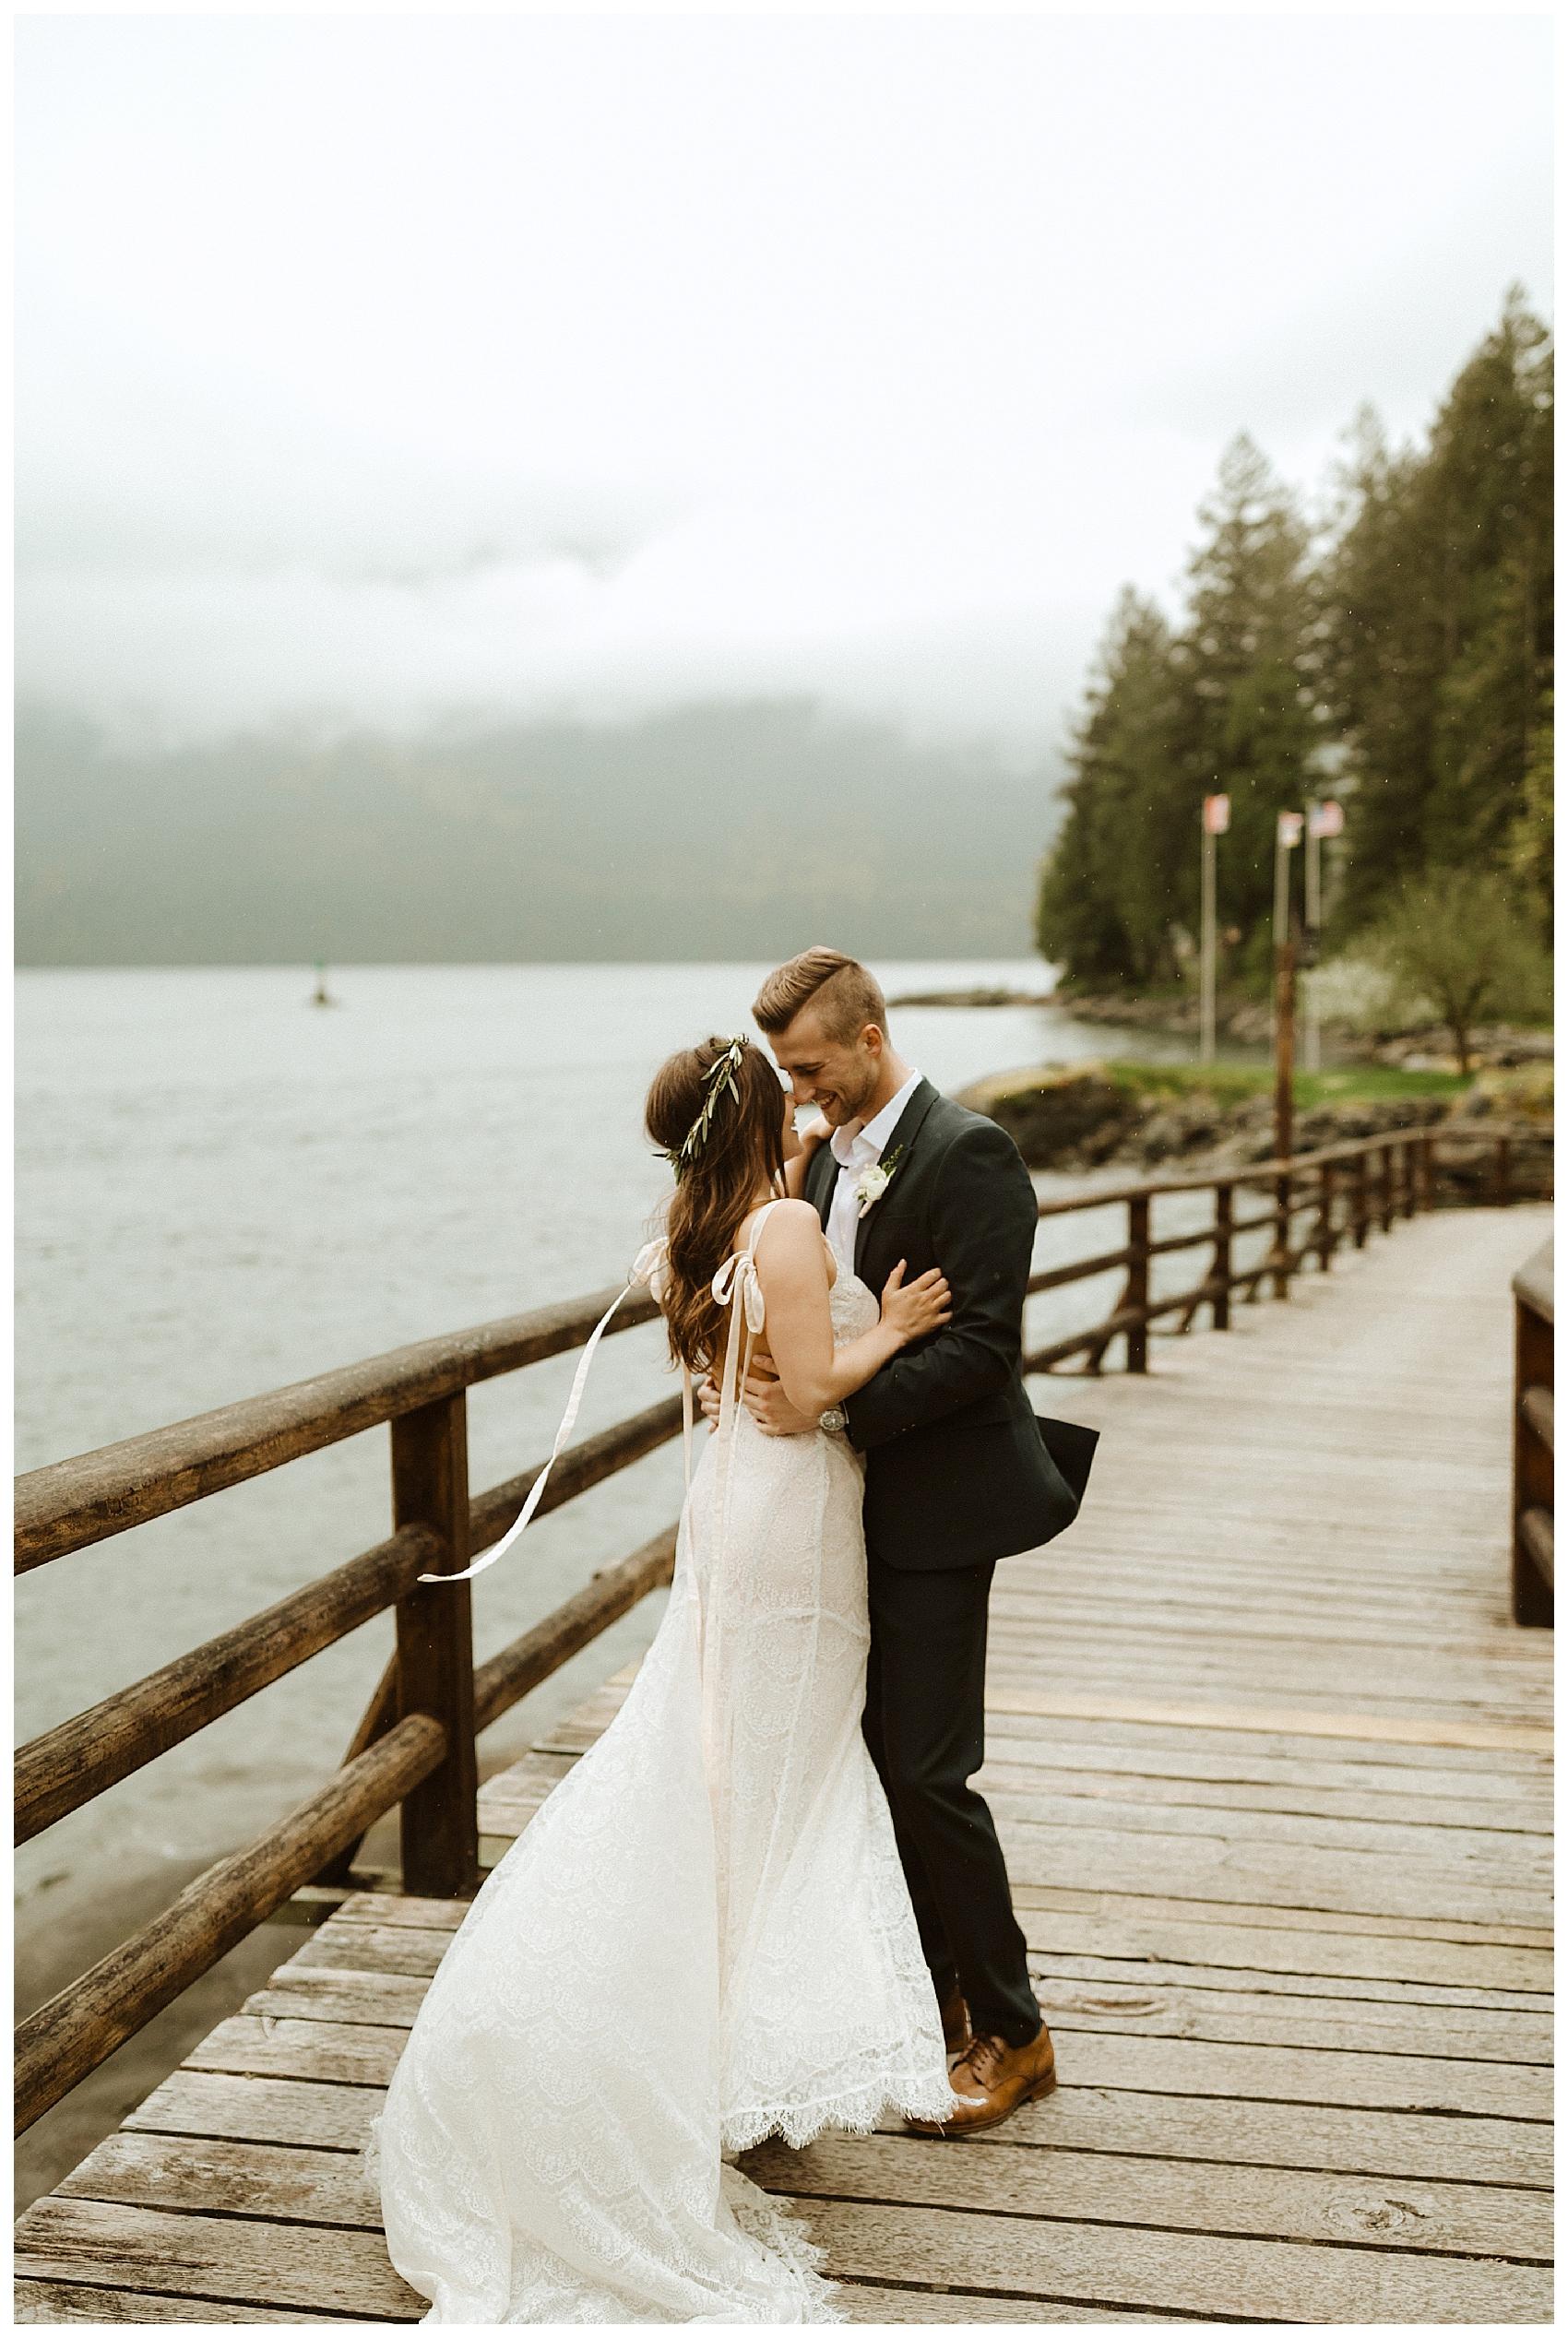 Vancouver BC Elopement Cassie Trottier Photography00034.jpg